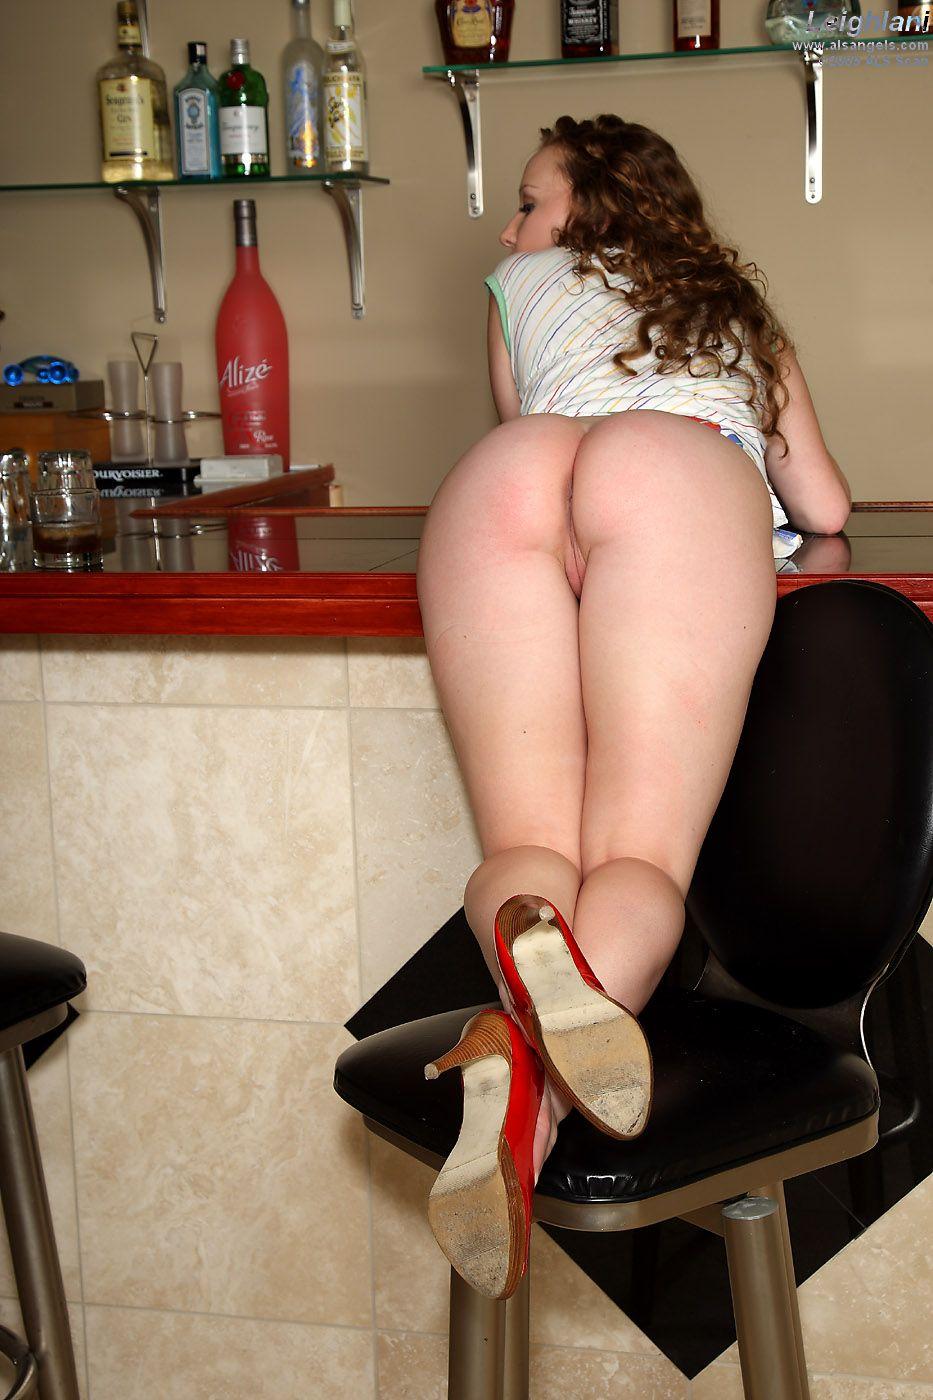 Красивая лесбияночка с кудрявыми волосами Leighlani Red дает трахнуть свою безволосую киску кулаком